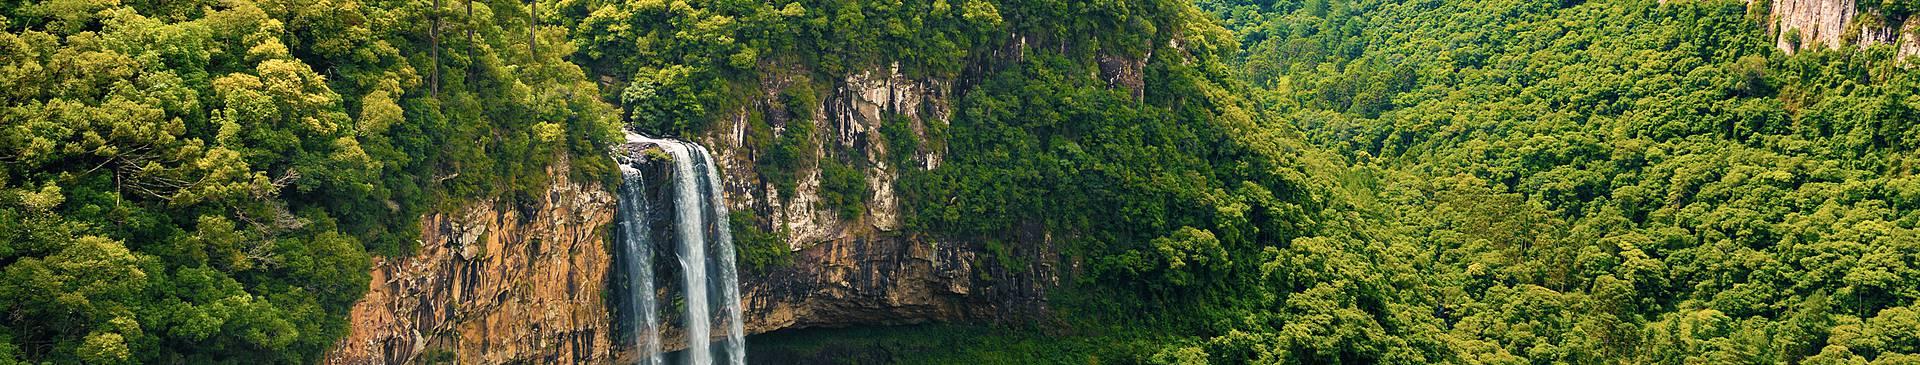 Nature in Brazil